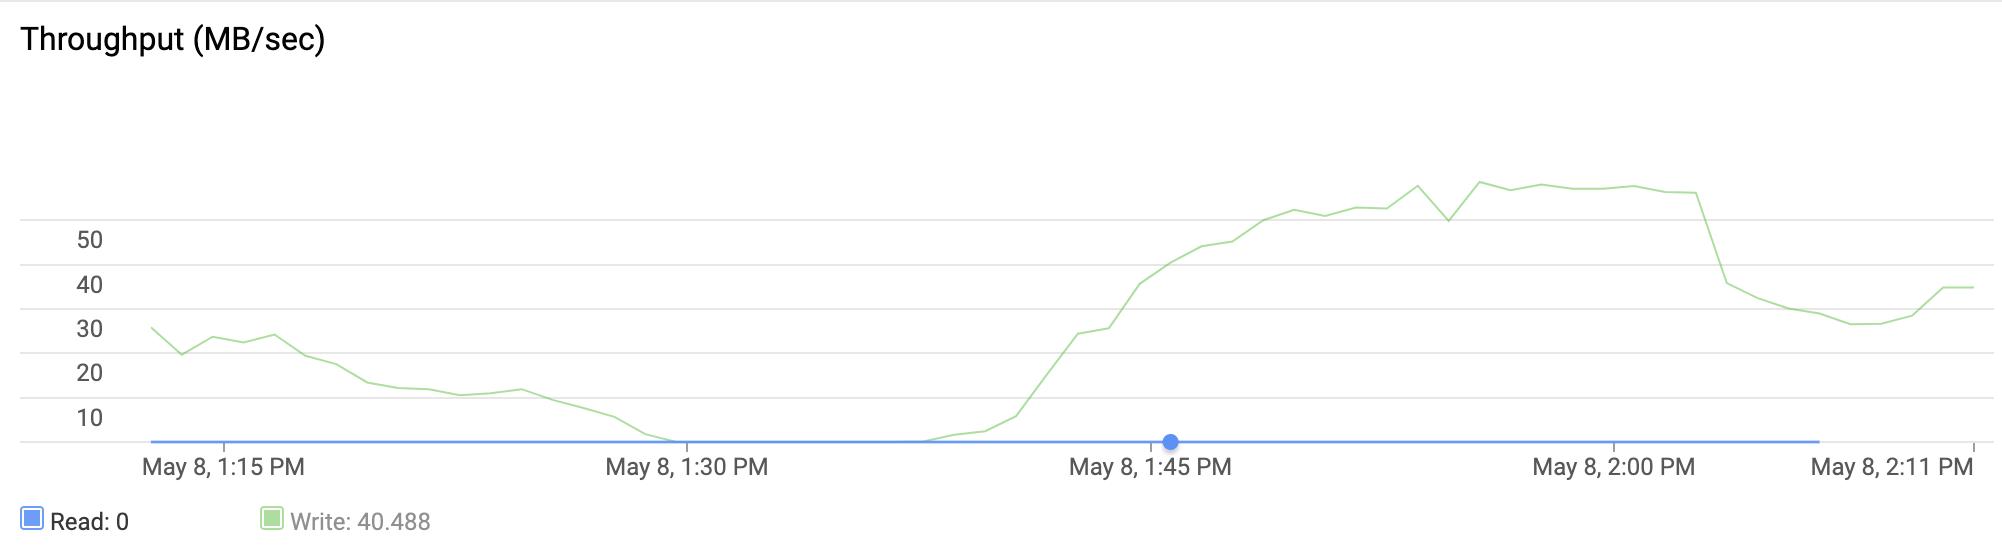 この折れ線グラフは、インスタンスの過去 1 時間の書き込みスループットが 0 MB/秒~60 MB/秒だったことを表しています。